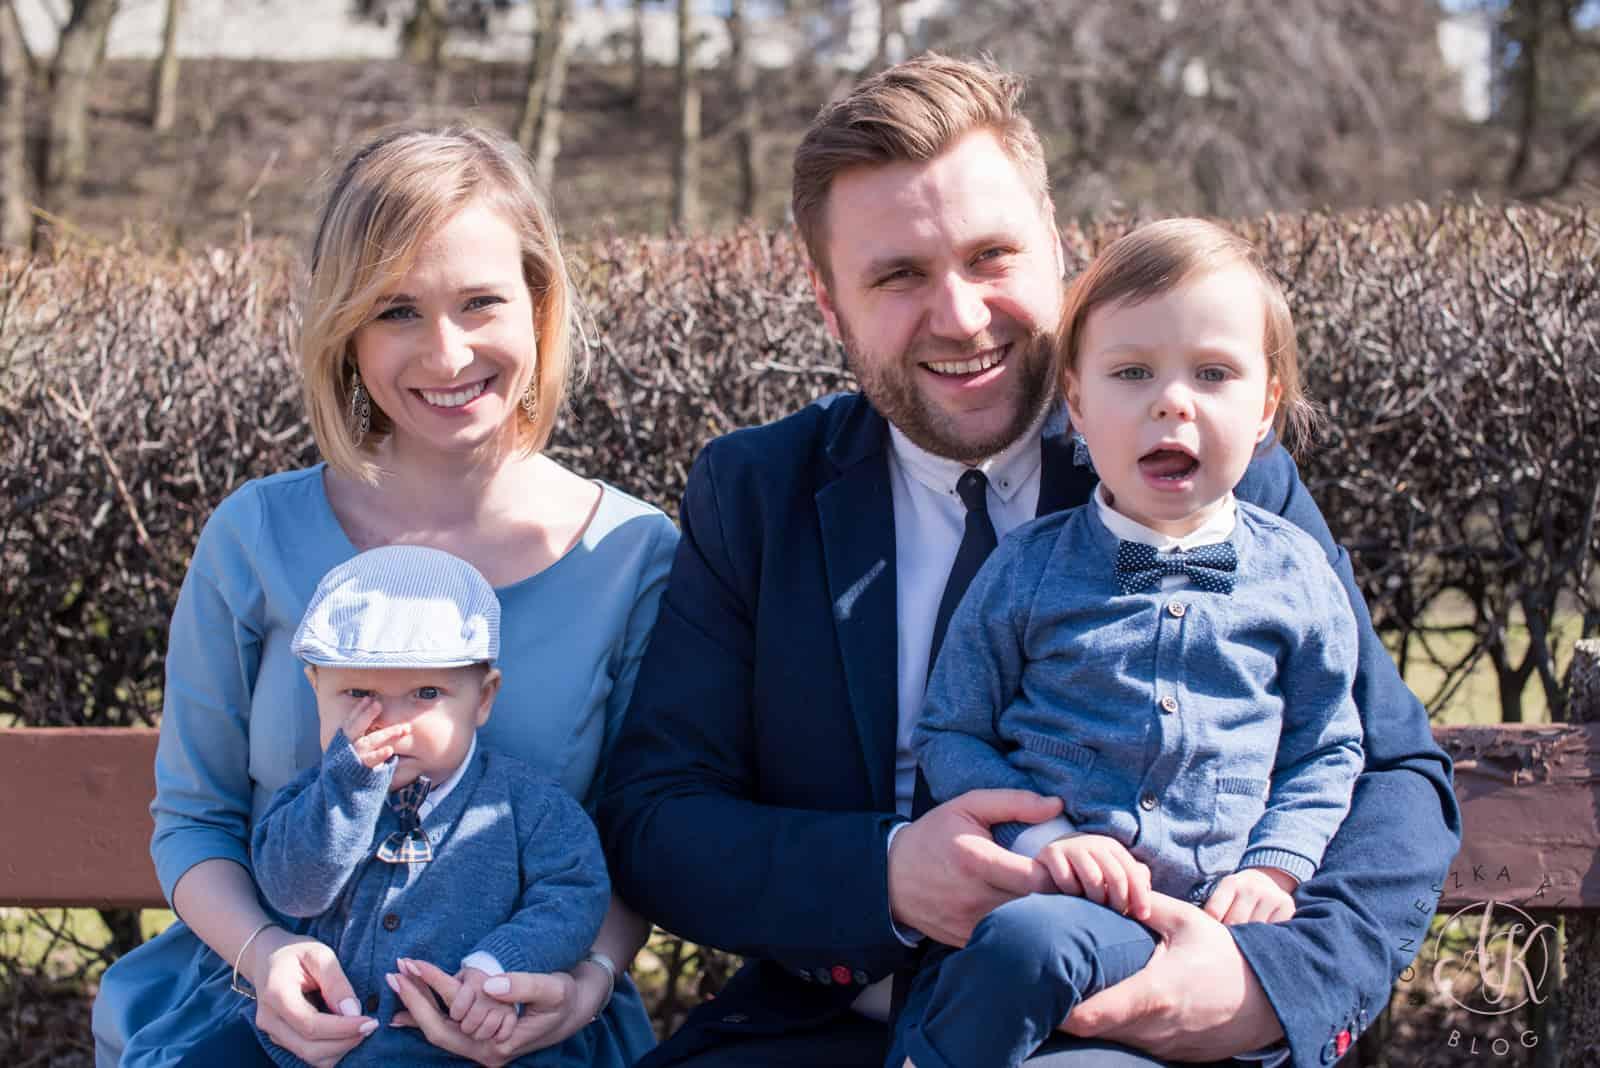 Strój na chrzest dla całej rodziny